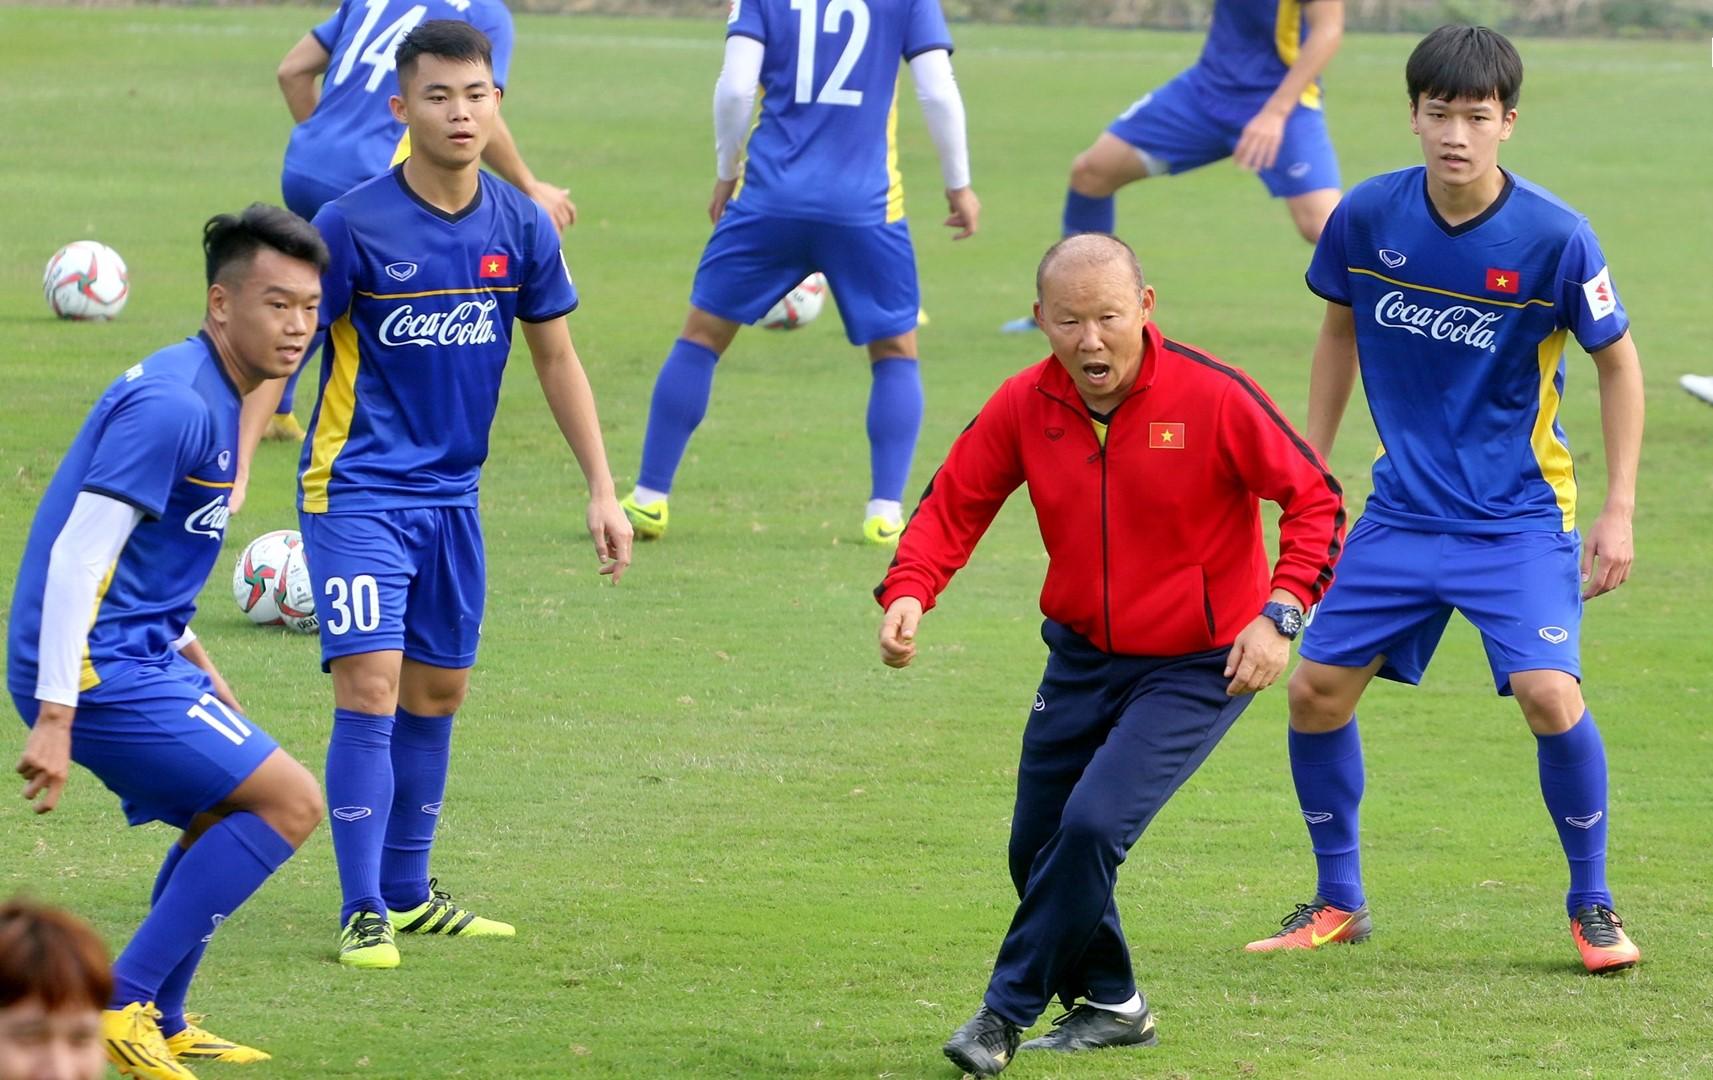 CHÍNH THỨC: HLV Park Hang-seo gọi 18 cầu thủ tập trung U23 Việt Nam - Bóng Đá